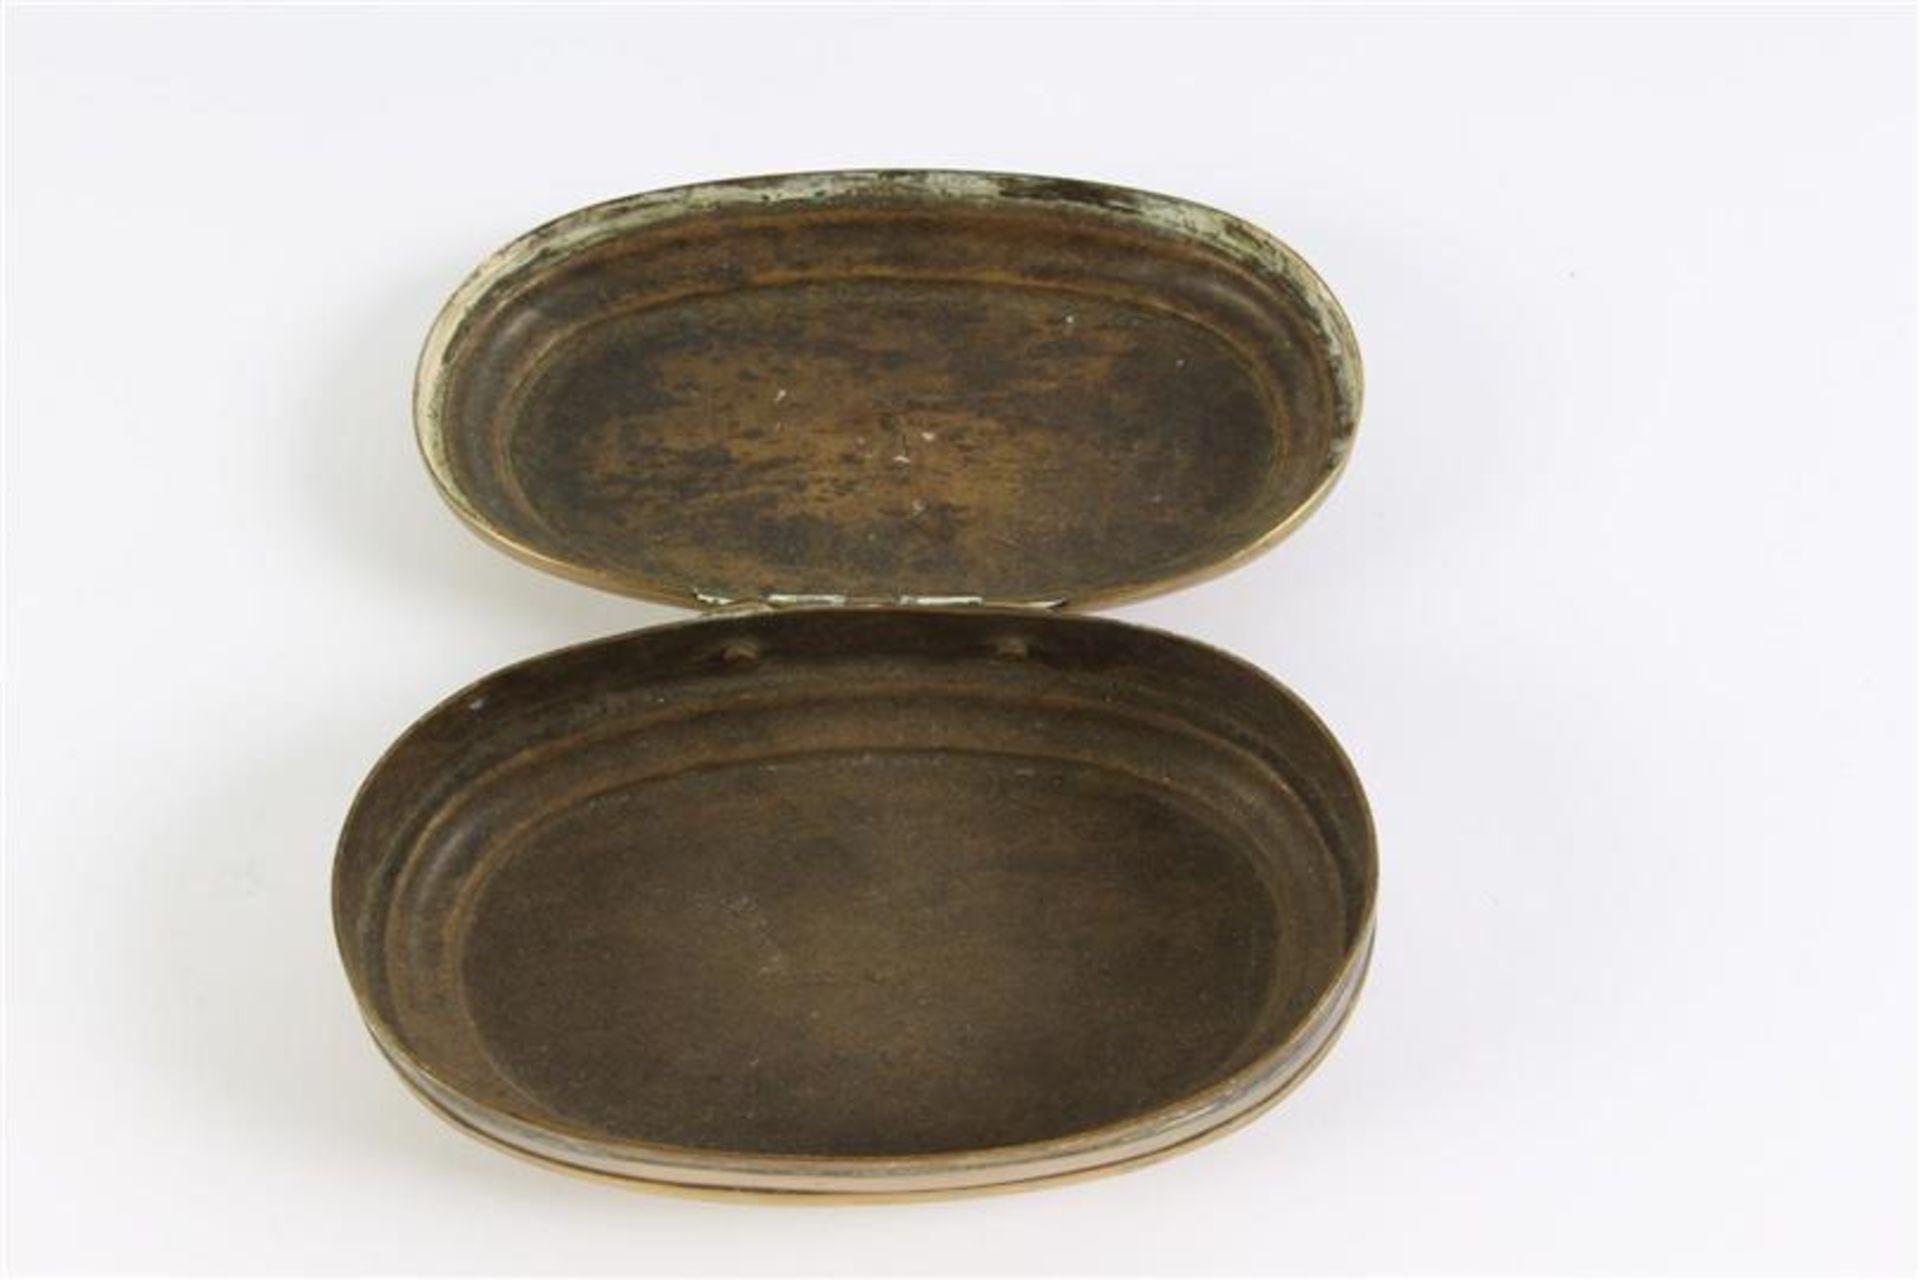 Los 50 - Geelkoperen tabaksdoos, gedateerd 1736. L: 11 cm.